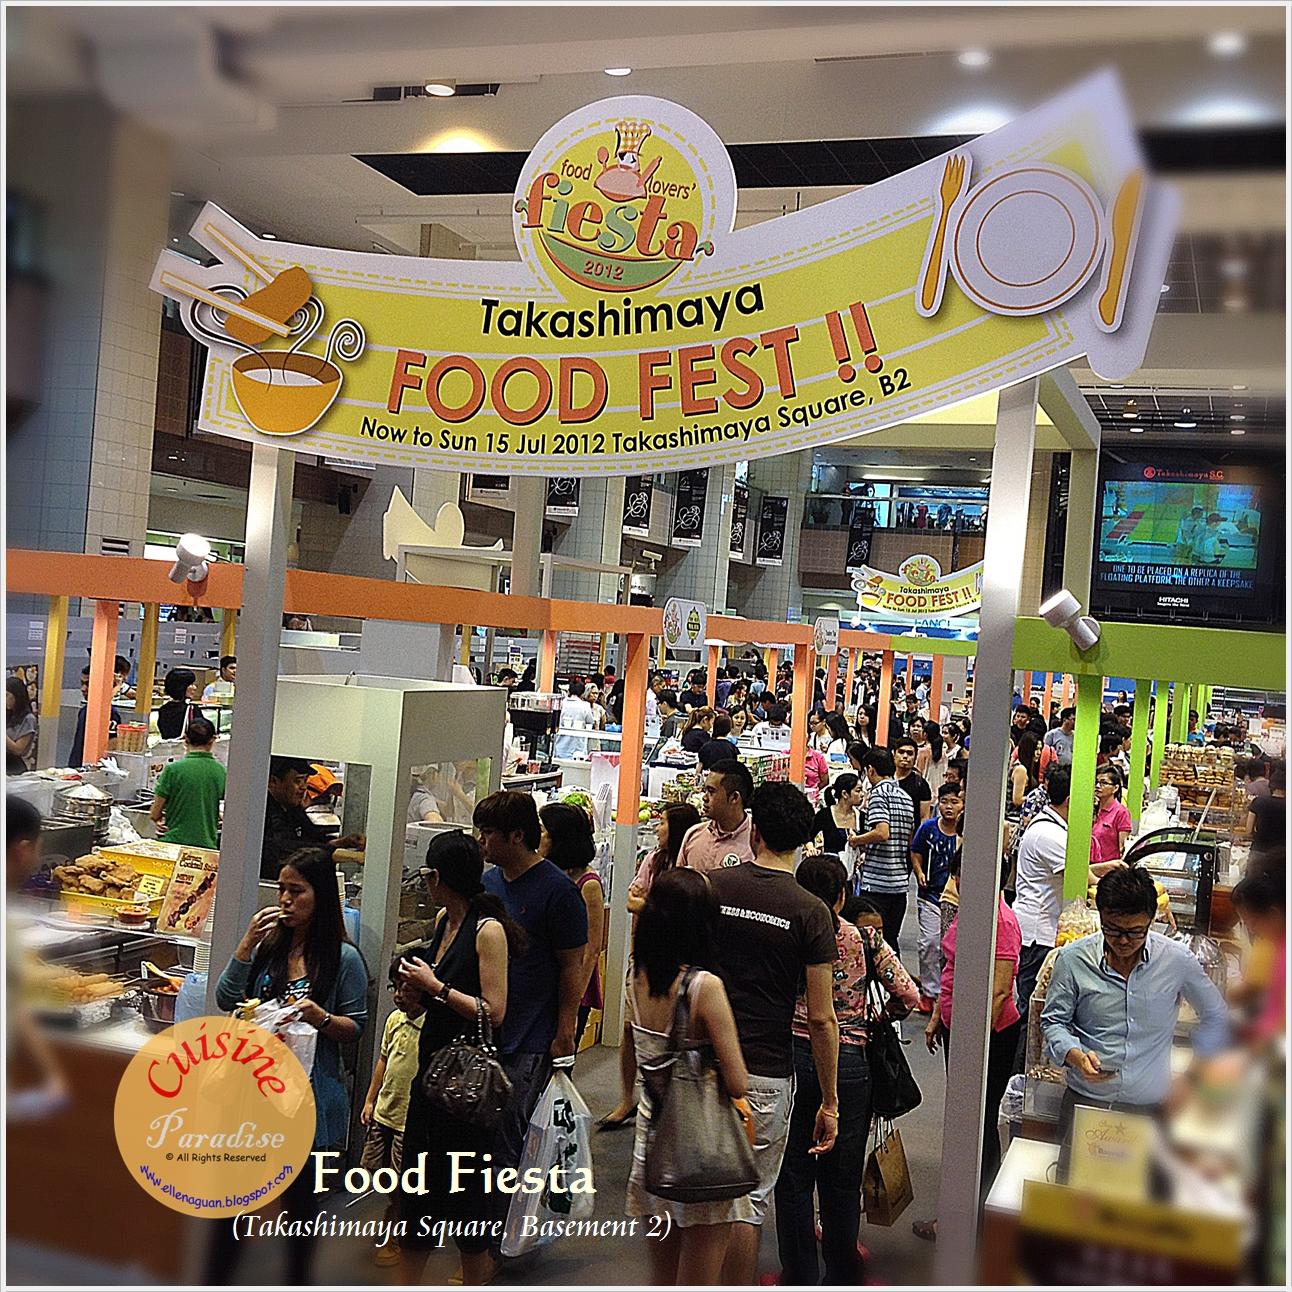 Taka Food Fiesta